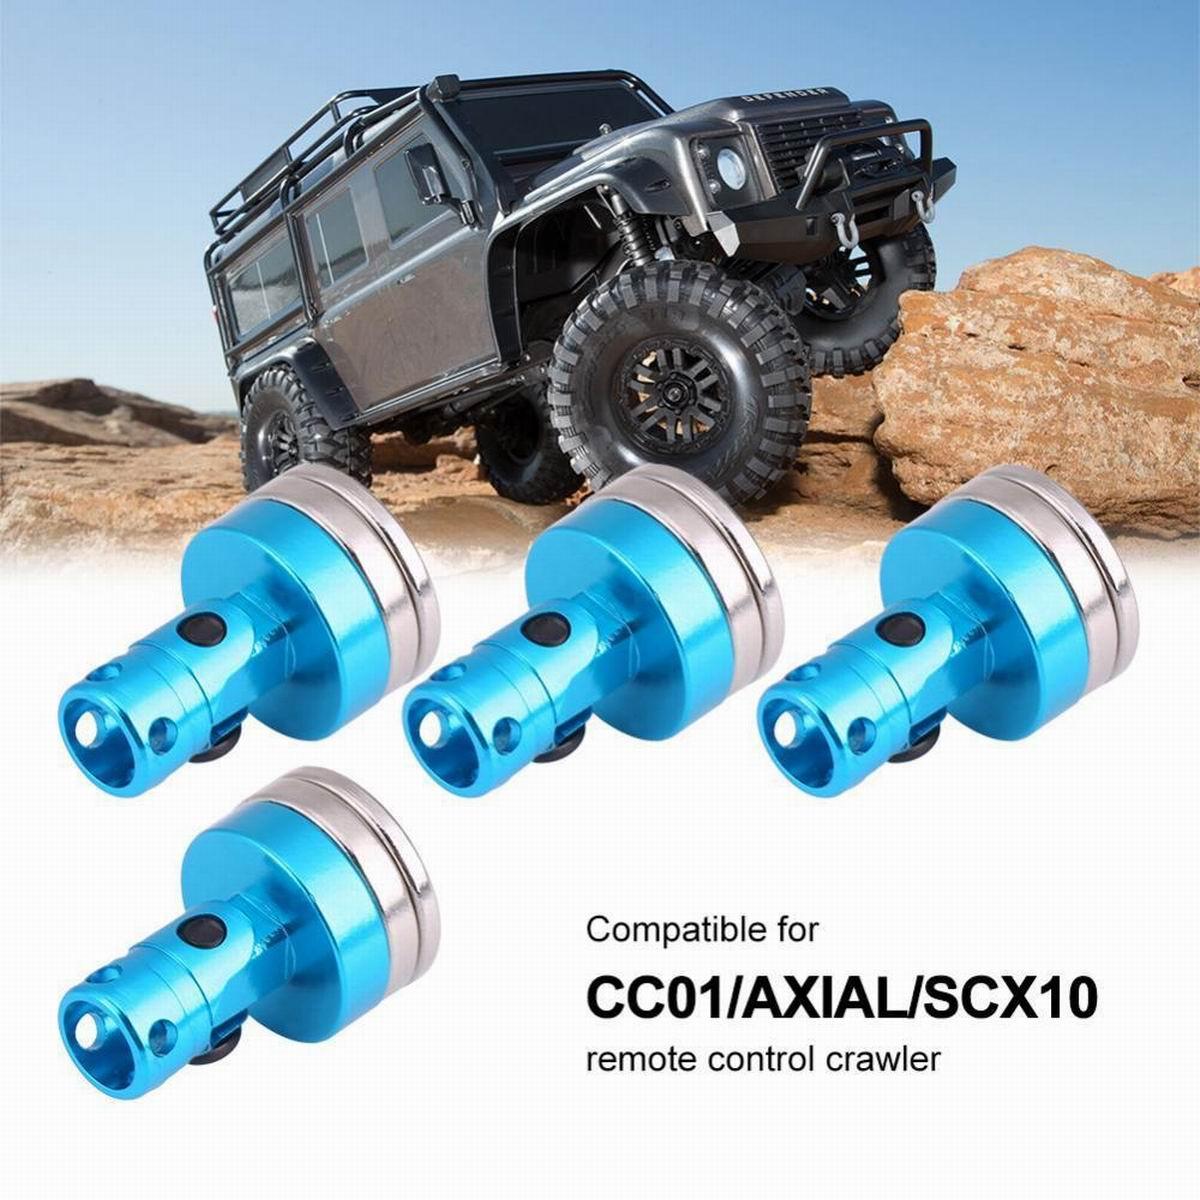 Hot 4pcs Axial SCX10 Parts Metal Body Post SCX10-15 For 1//10 Rock Crawler RC Car